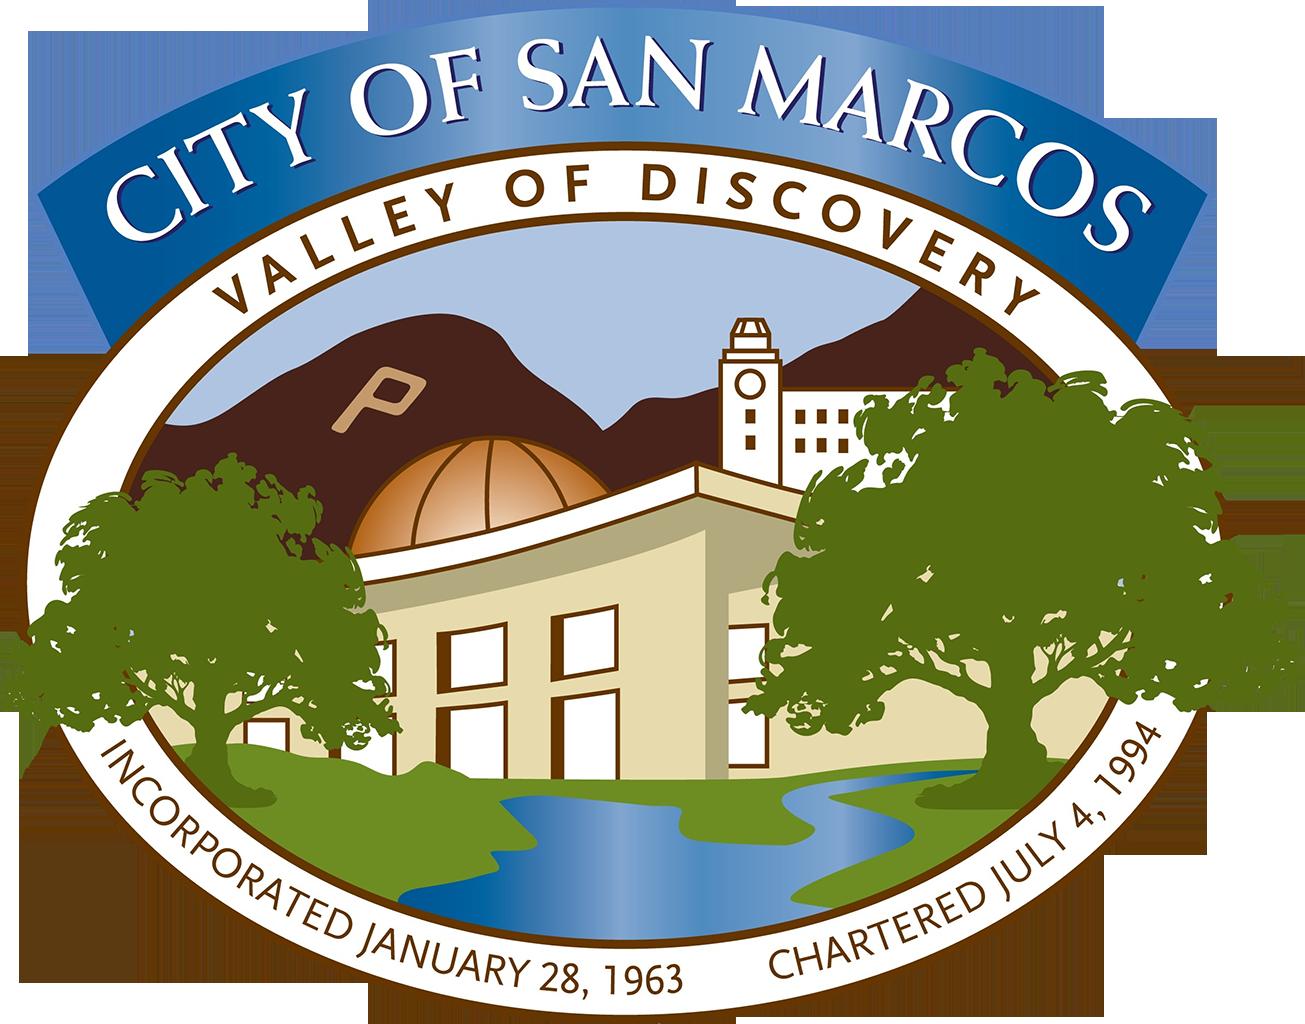 City of san marcos Logos